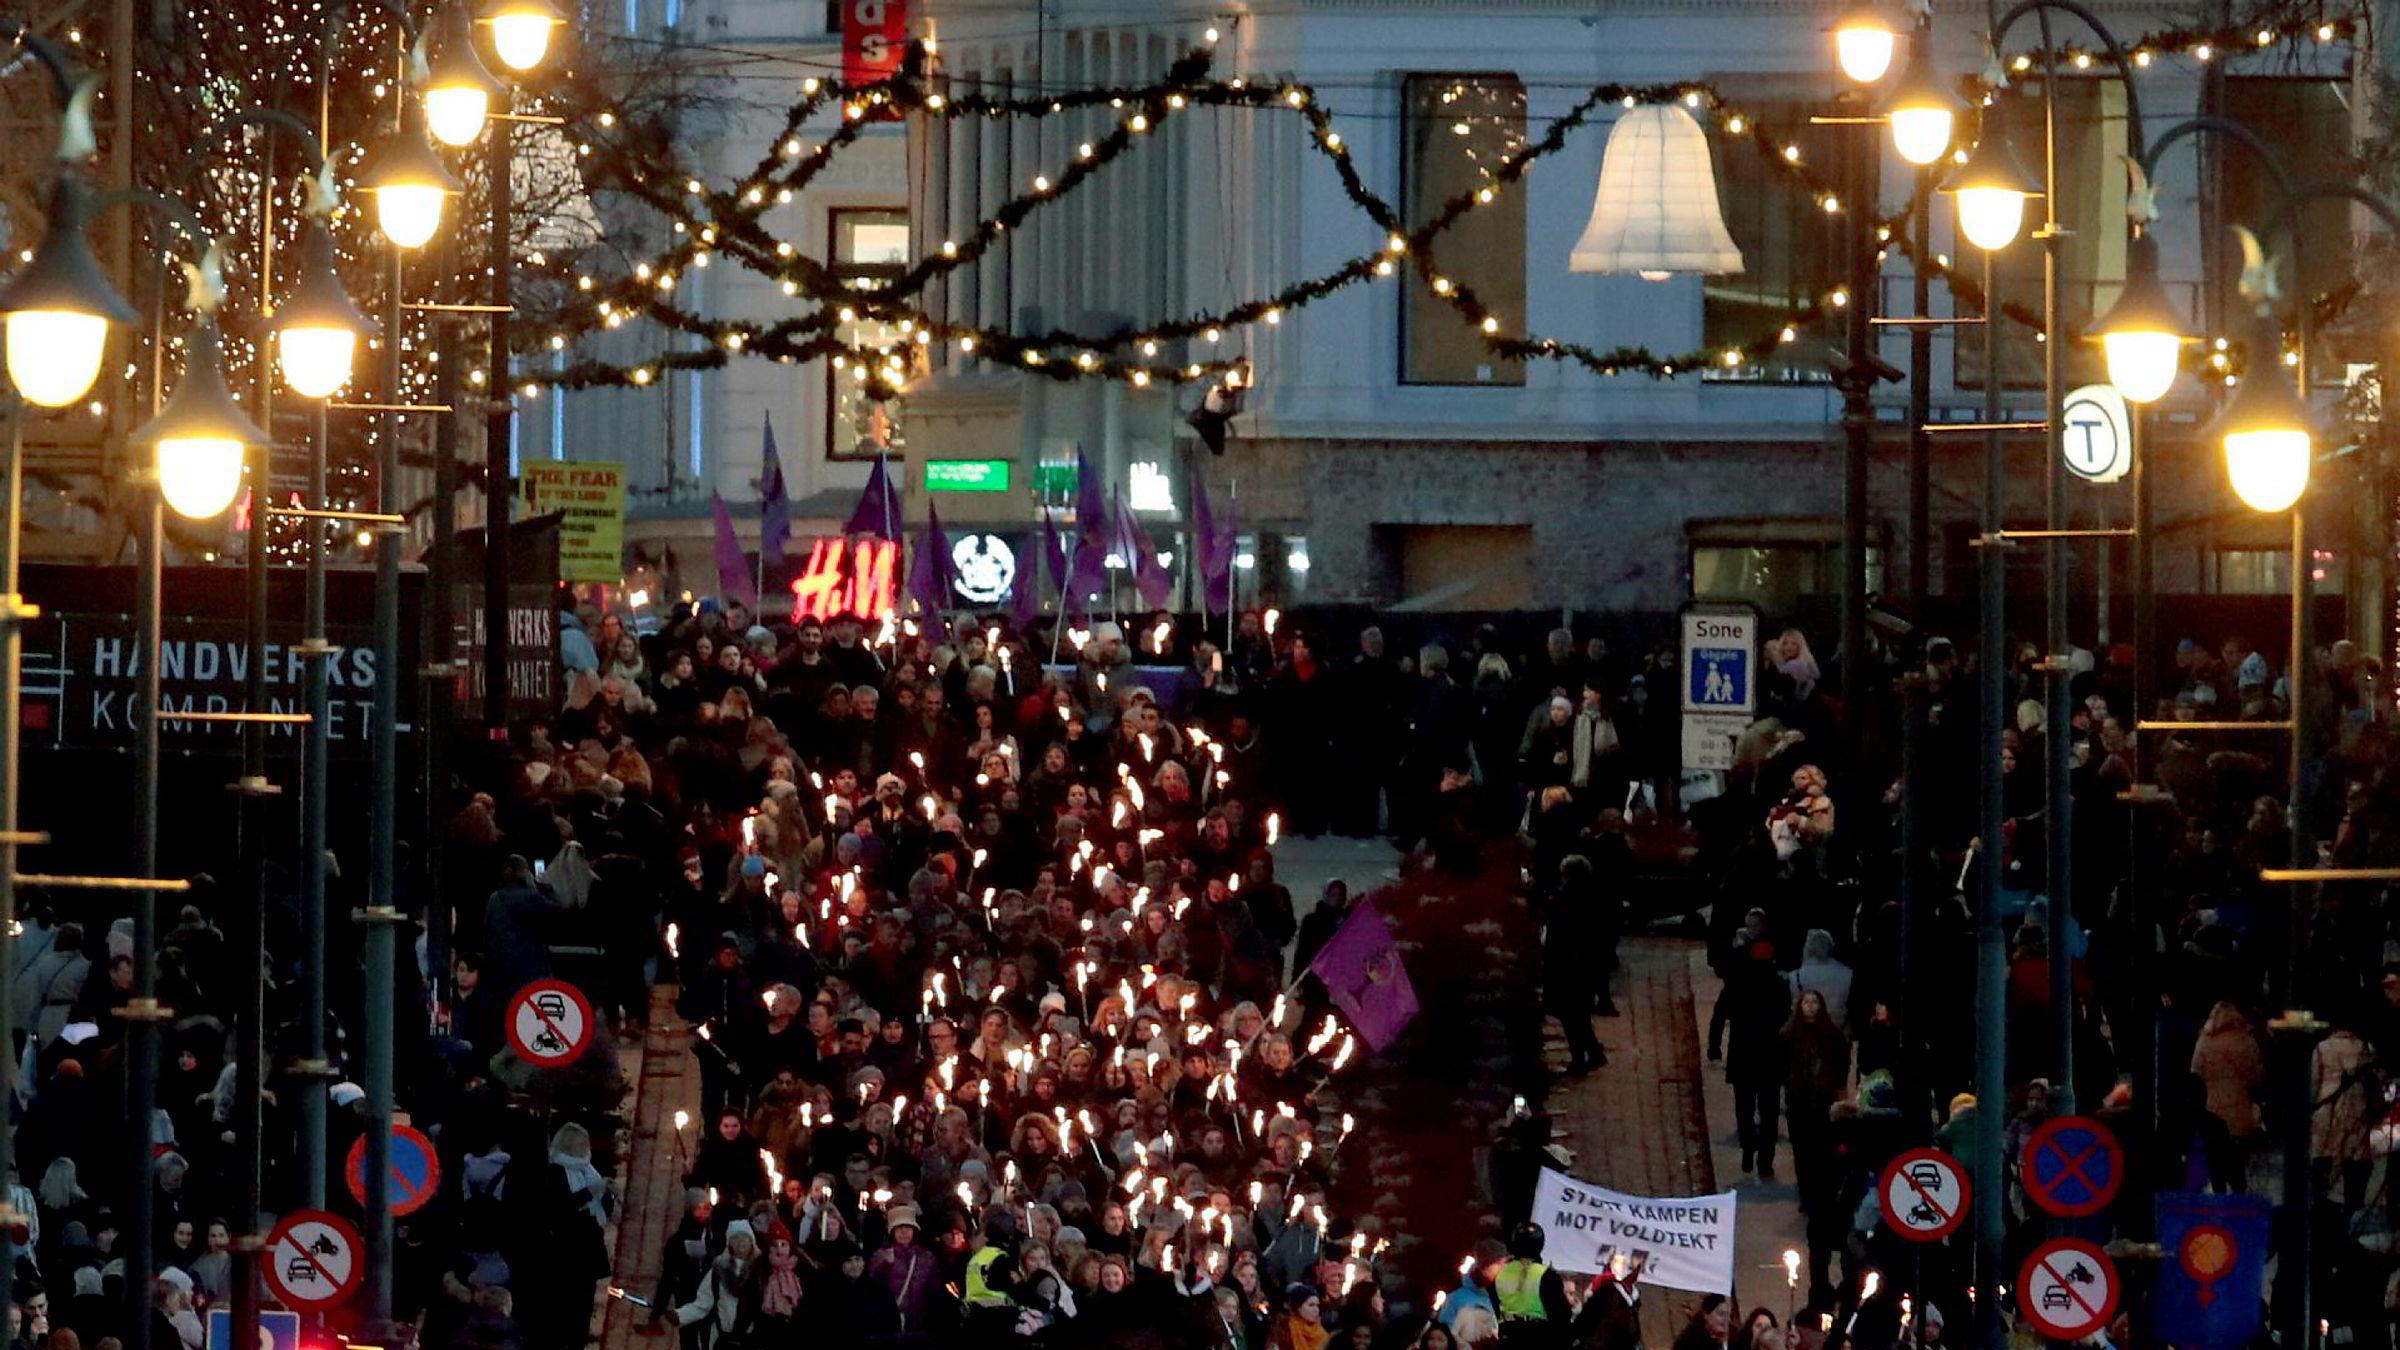 17 prosent av kvinner i Norge sier de er blitt seksuelt trakassert. Bildet er fra fakkeltog i Oslo i november mot trakassering og vold.